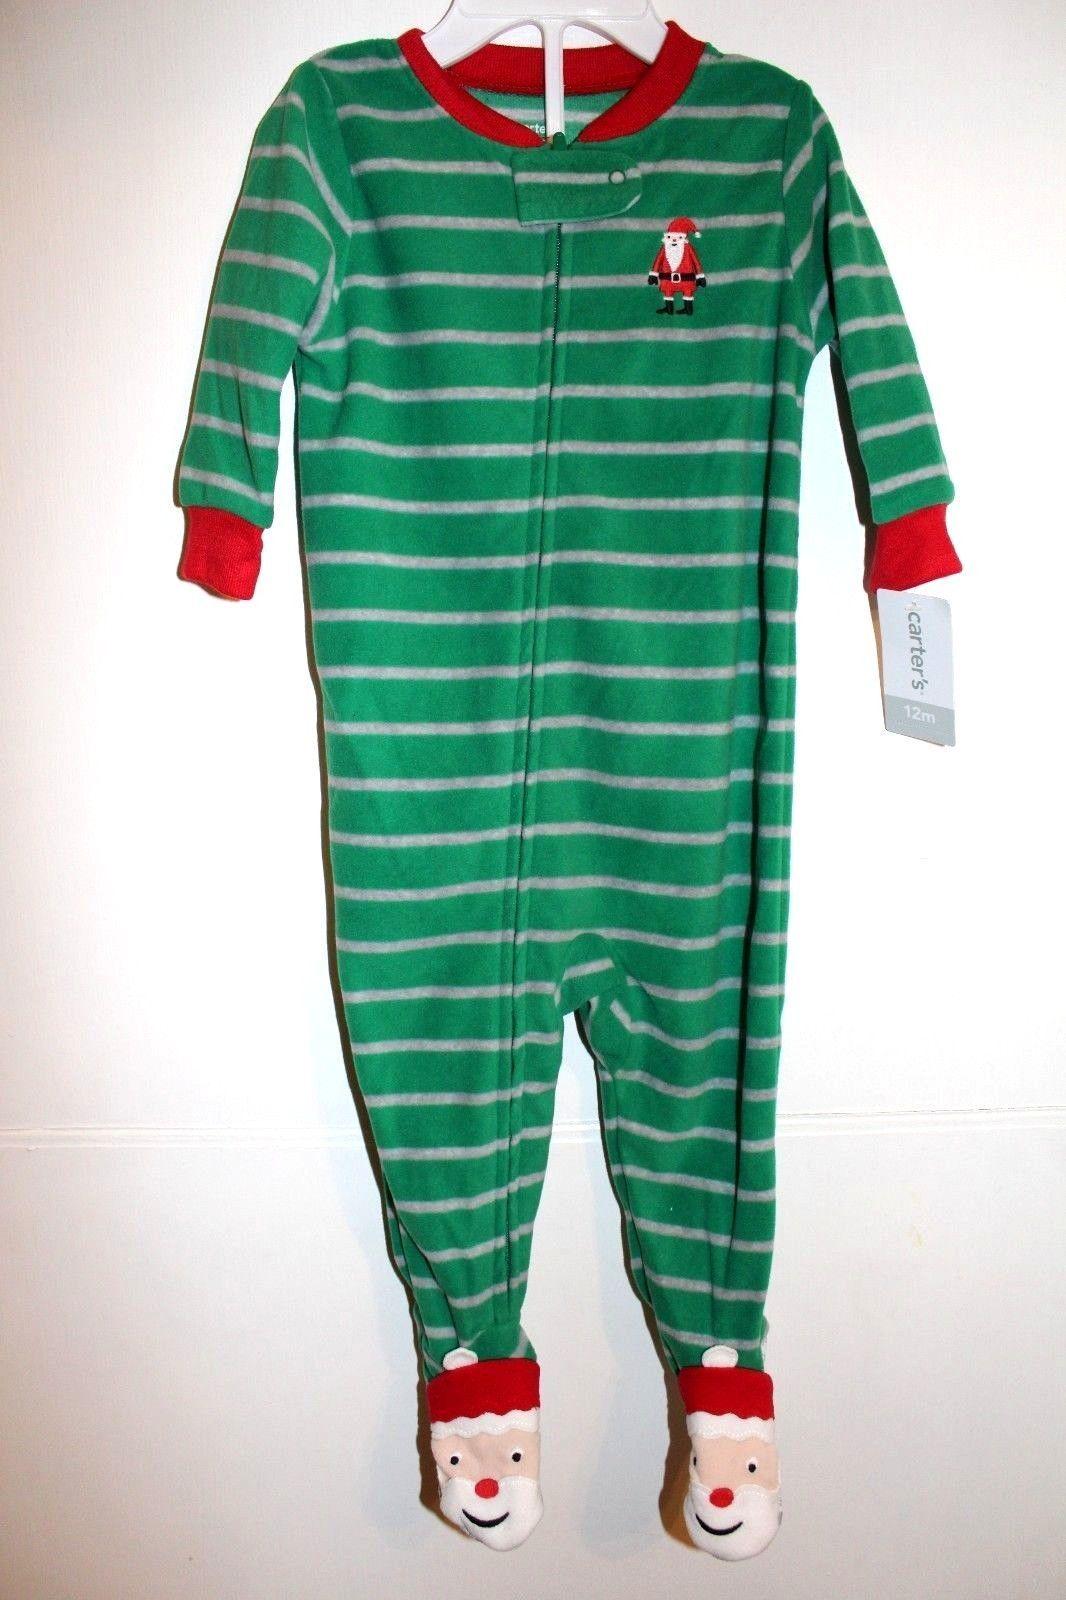 3bf3641da Sleepwear 163400  Nwt Carters Baby Girl Boy Holiday Santa Footed ...